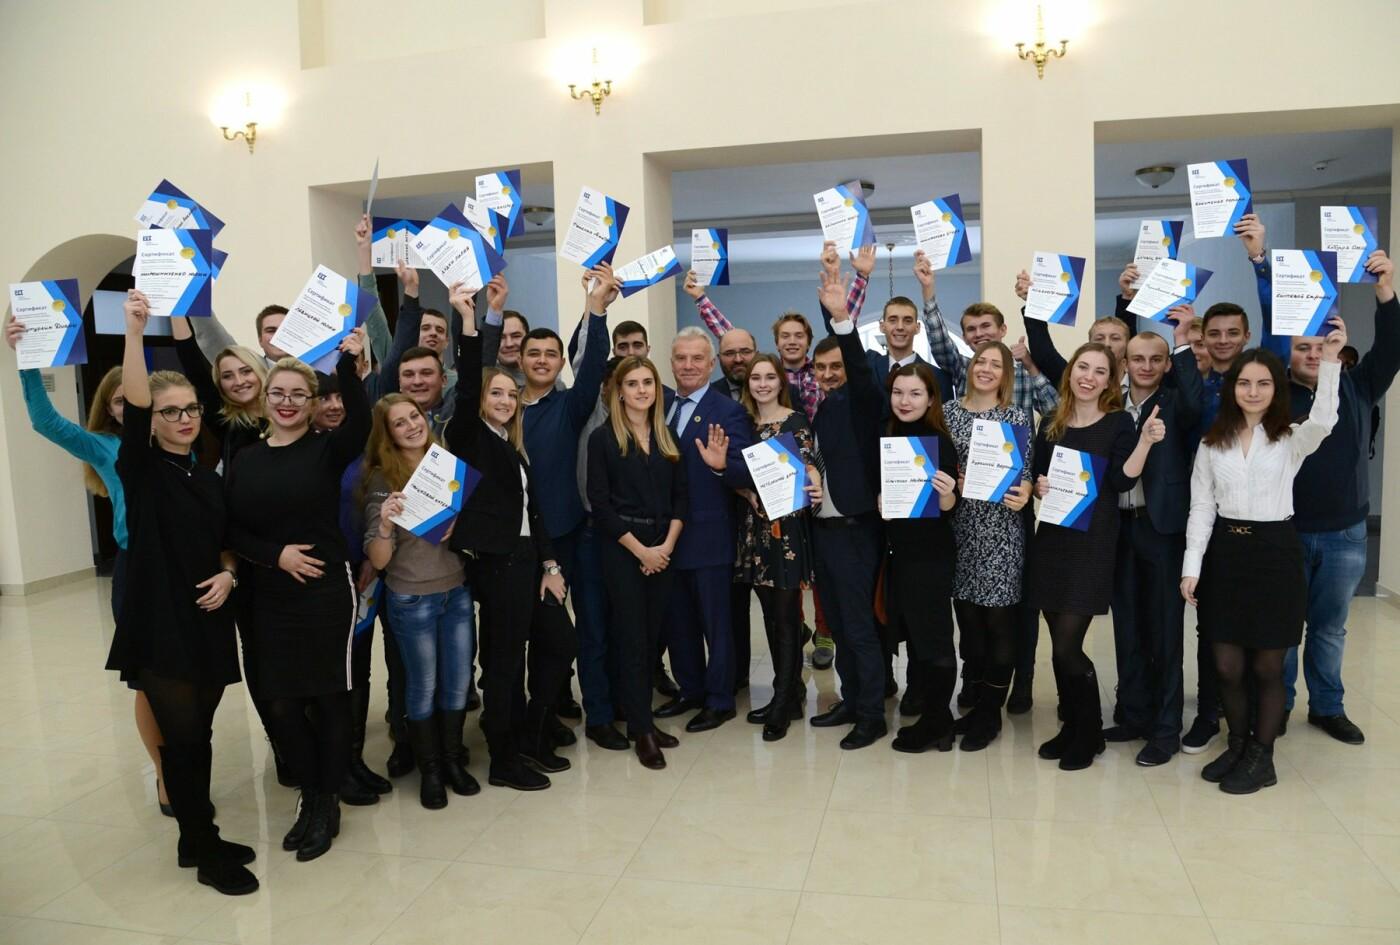 Студенты из Сум выиграли образовательный конкурс и едут во Францию, фото-2